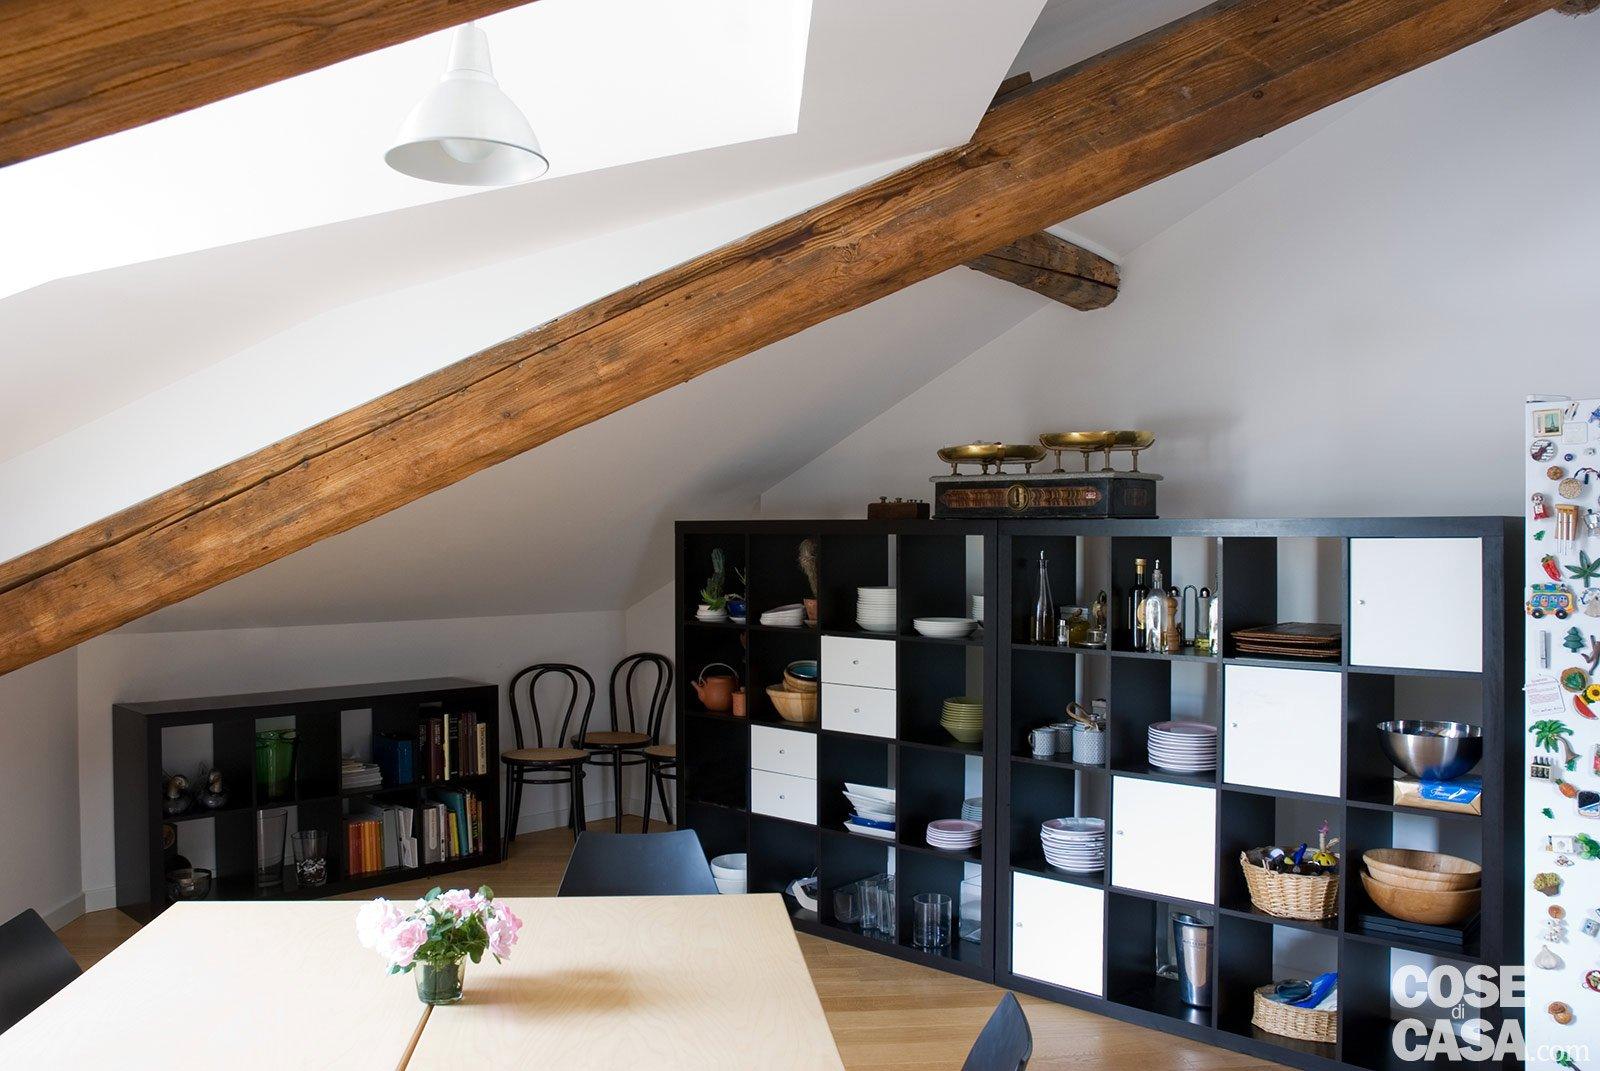 Libreria Arredamento Ikea : Libreria arredamento sweet home 3d ...